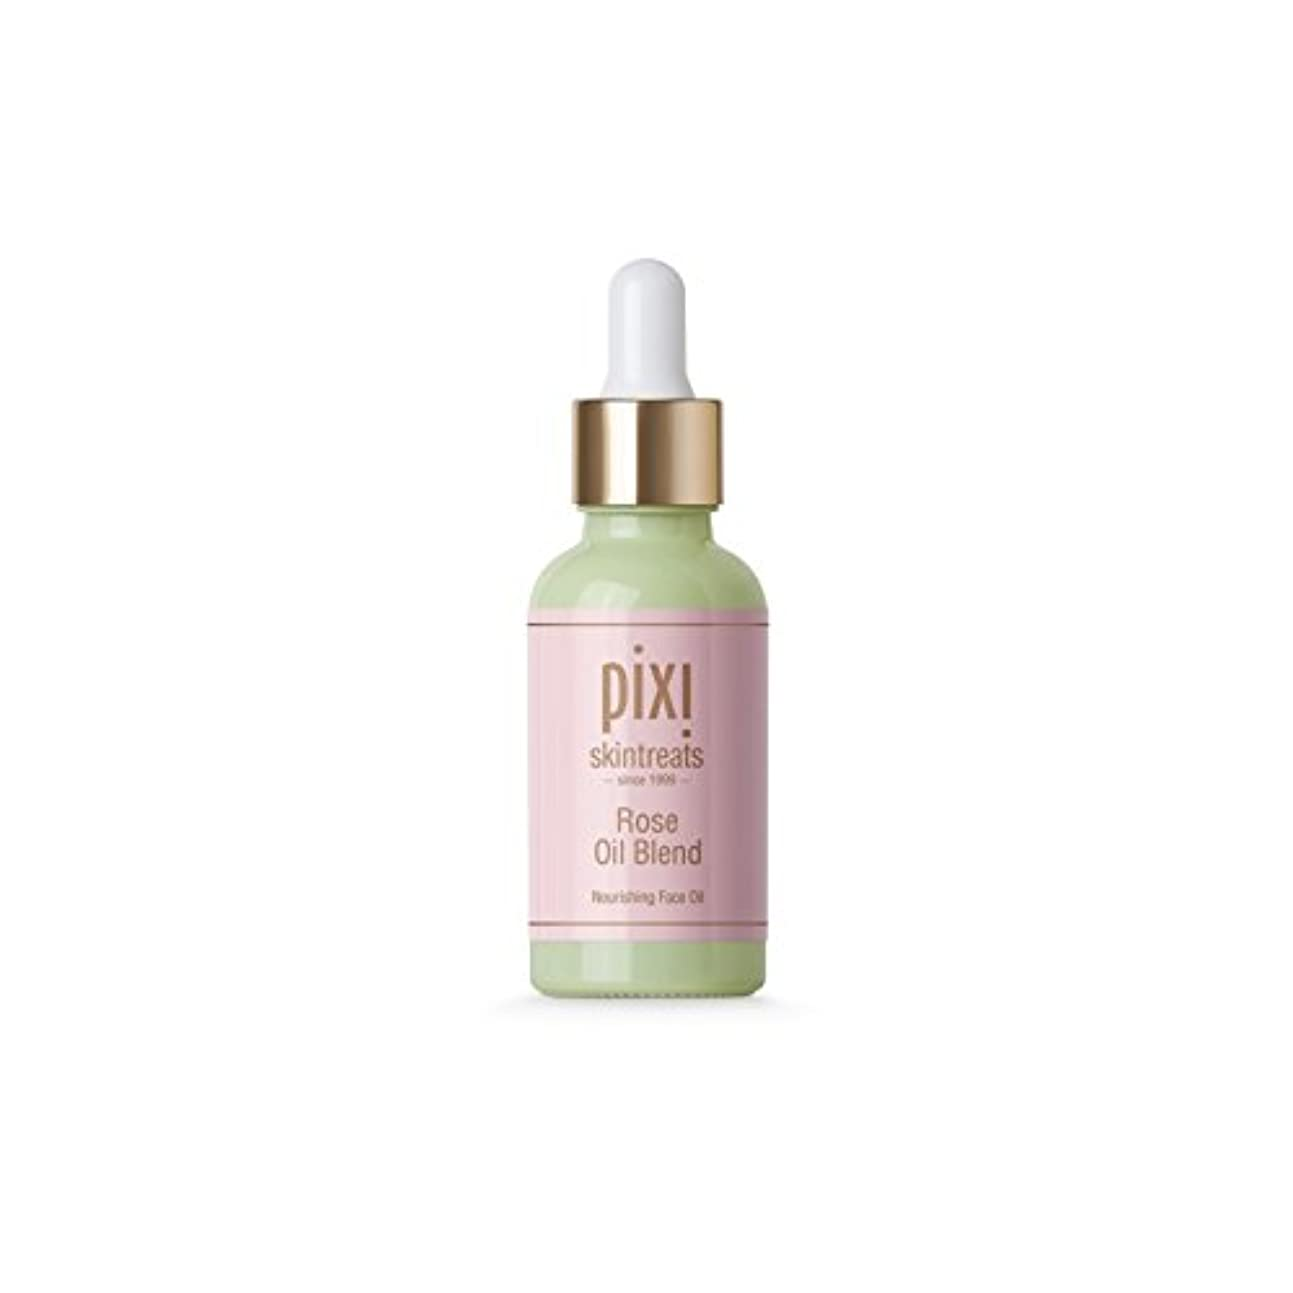 攻撃噛むモーションは、油ブレンドをバラ x4 - Pixi Rose Oil Blend (Pack of 4) [並行輸入品]